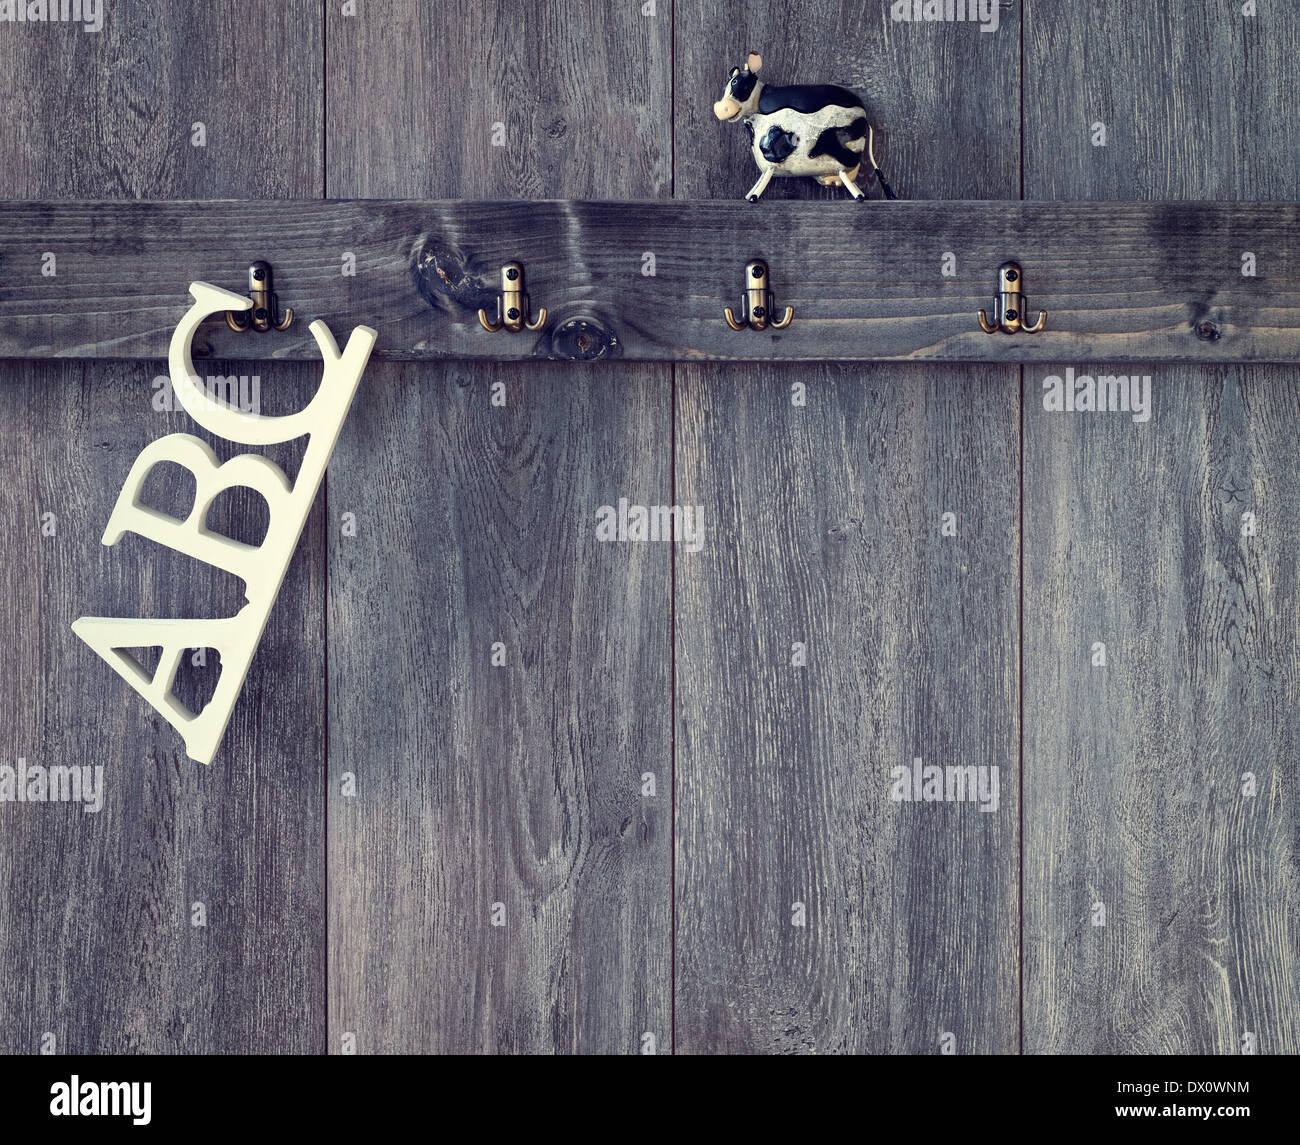 Abc Buchstaben Hangen Kinderzimmer Wand Mit Spielzeug Kuh